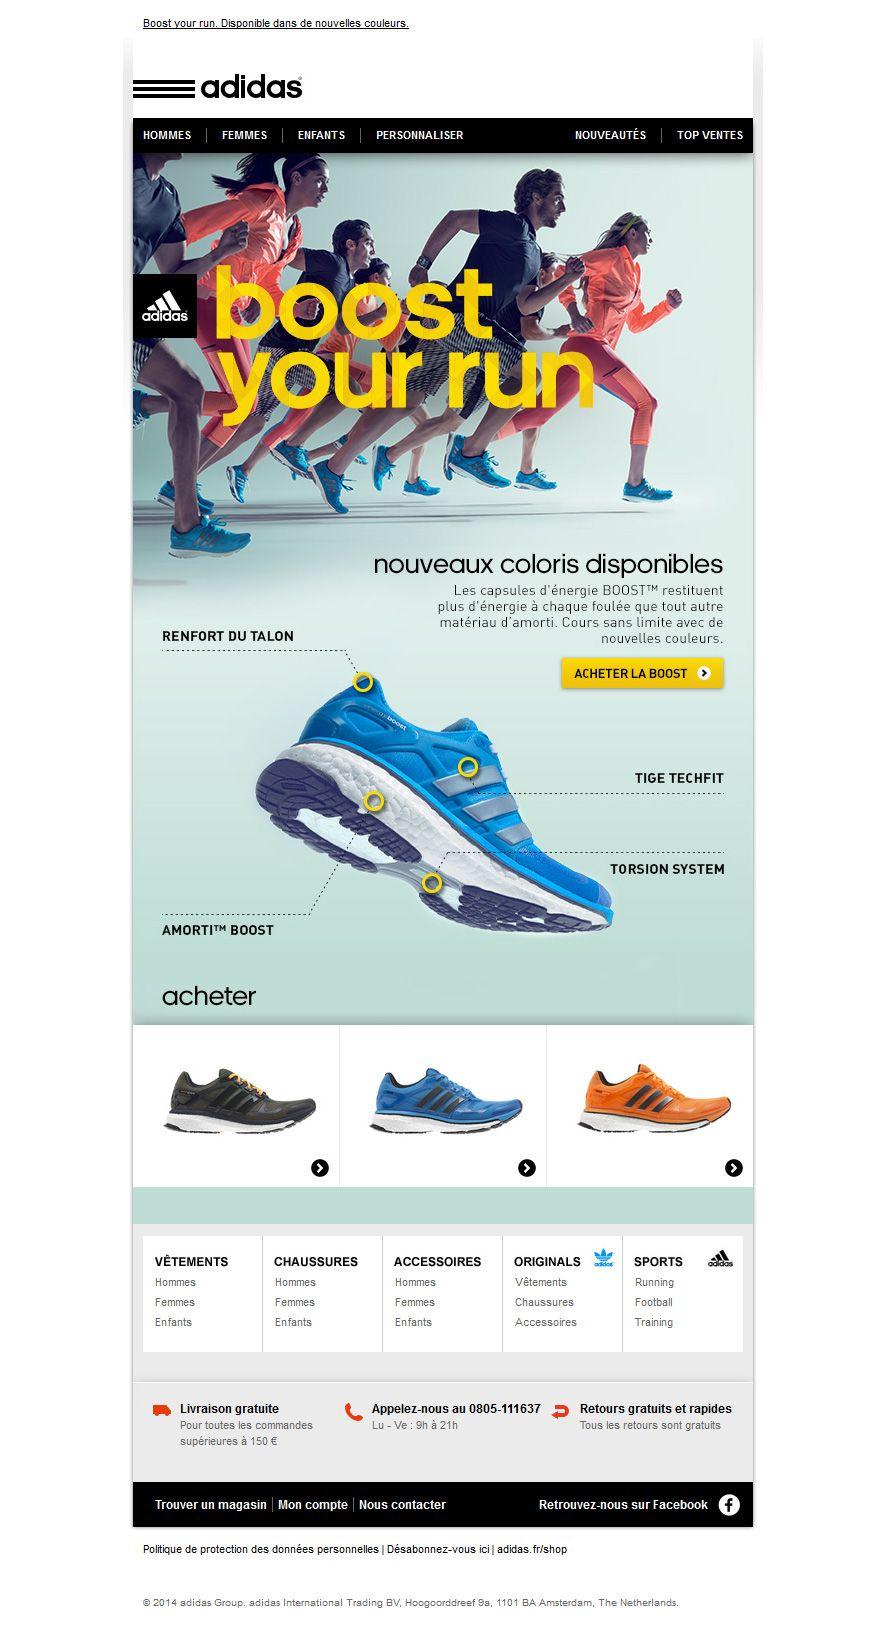 usted está Diálogo Tranquilizar  Retrouvez toutes les newsletters de la marque Adidas Shop dans notre  galerie de newsletters.   Adidas, Adidas boost, Adidas hommes